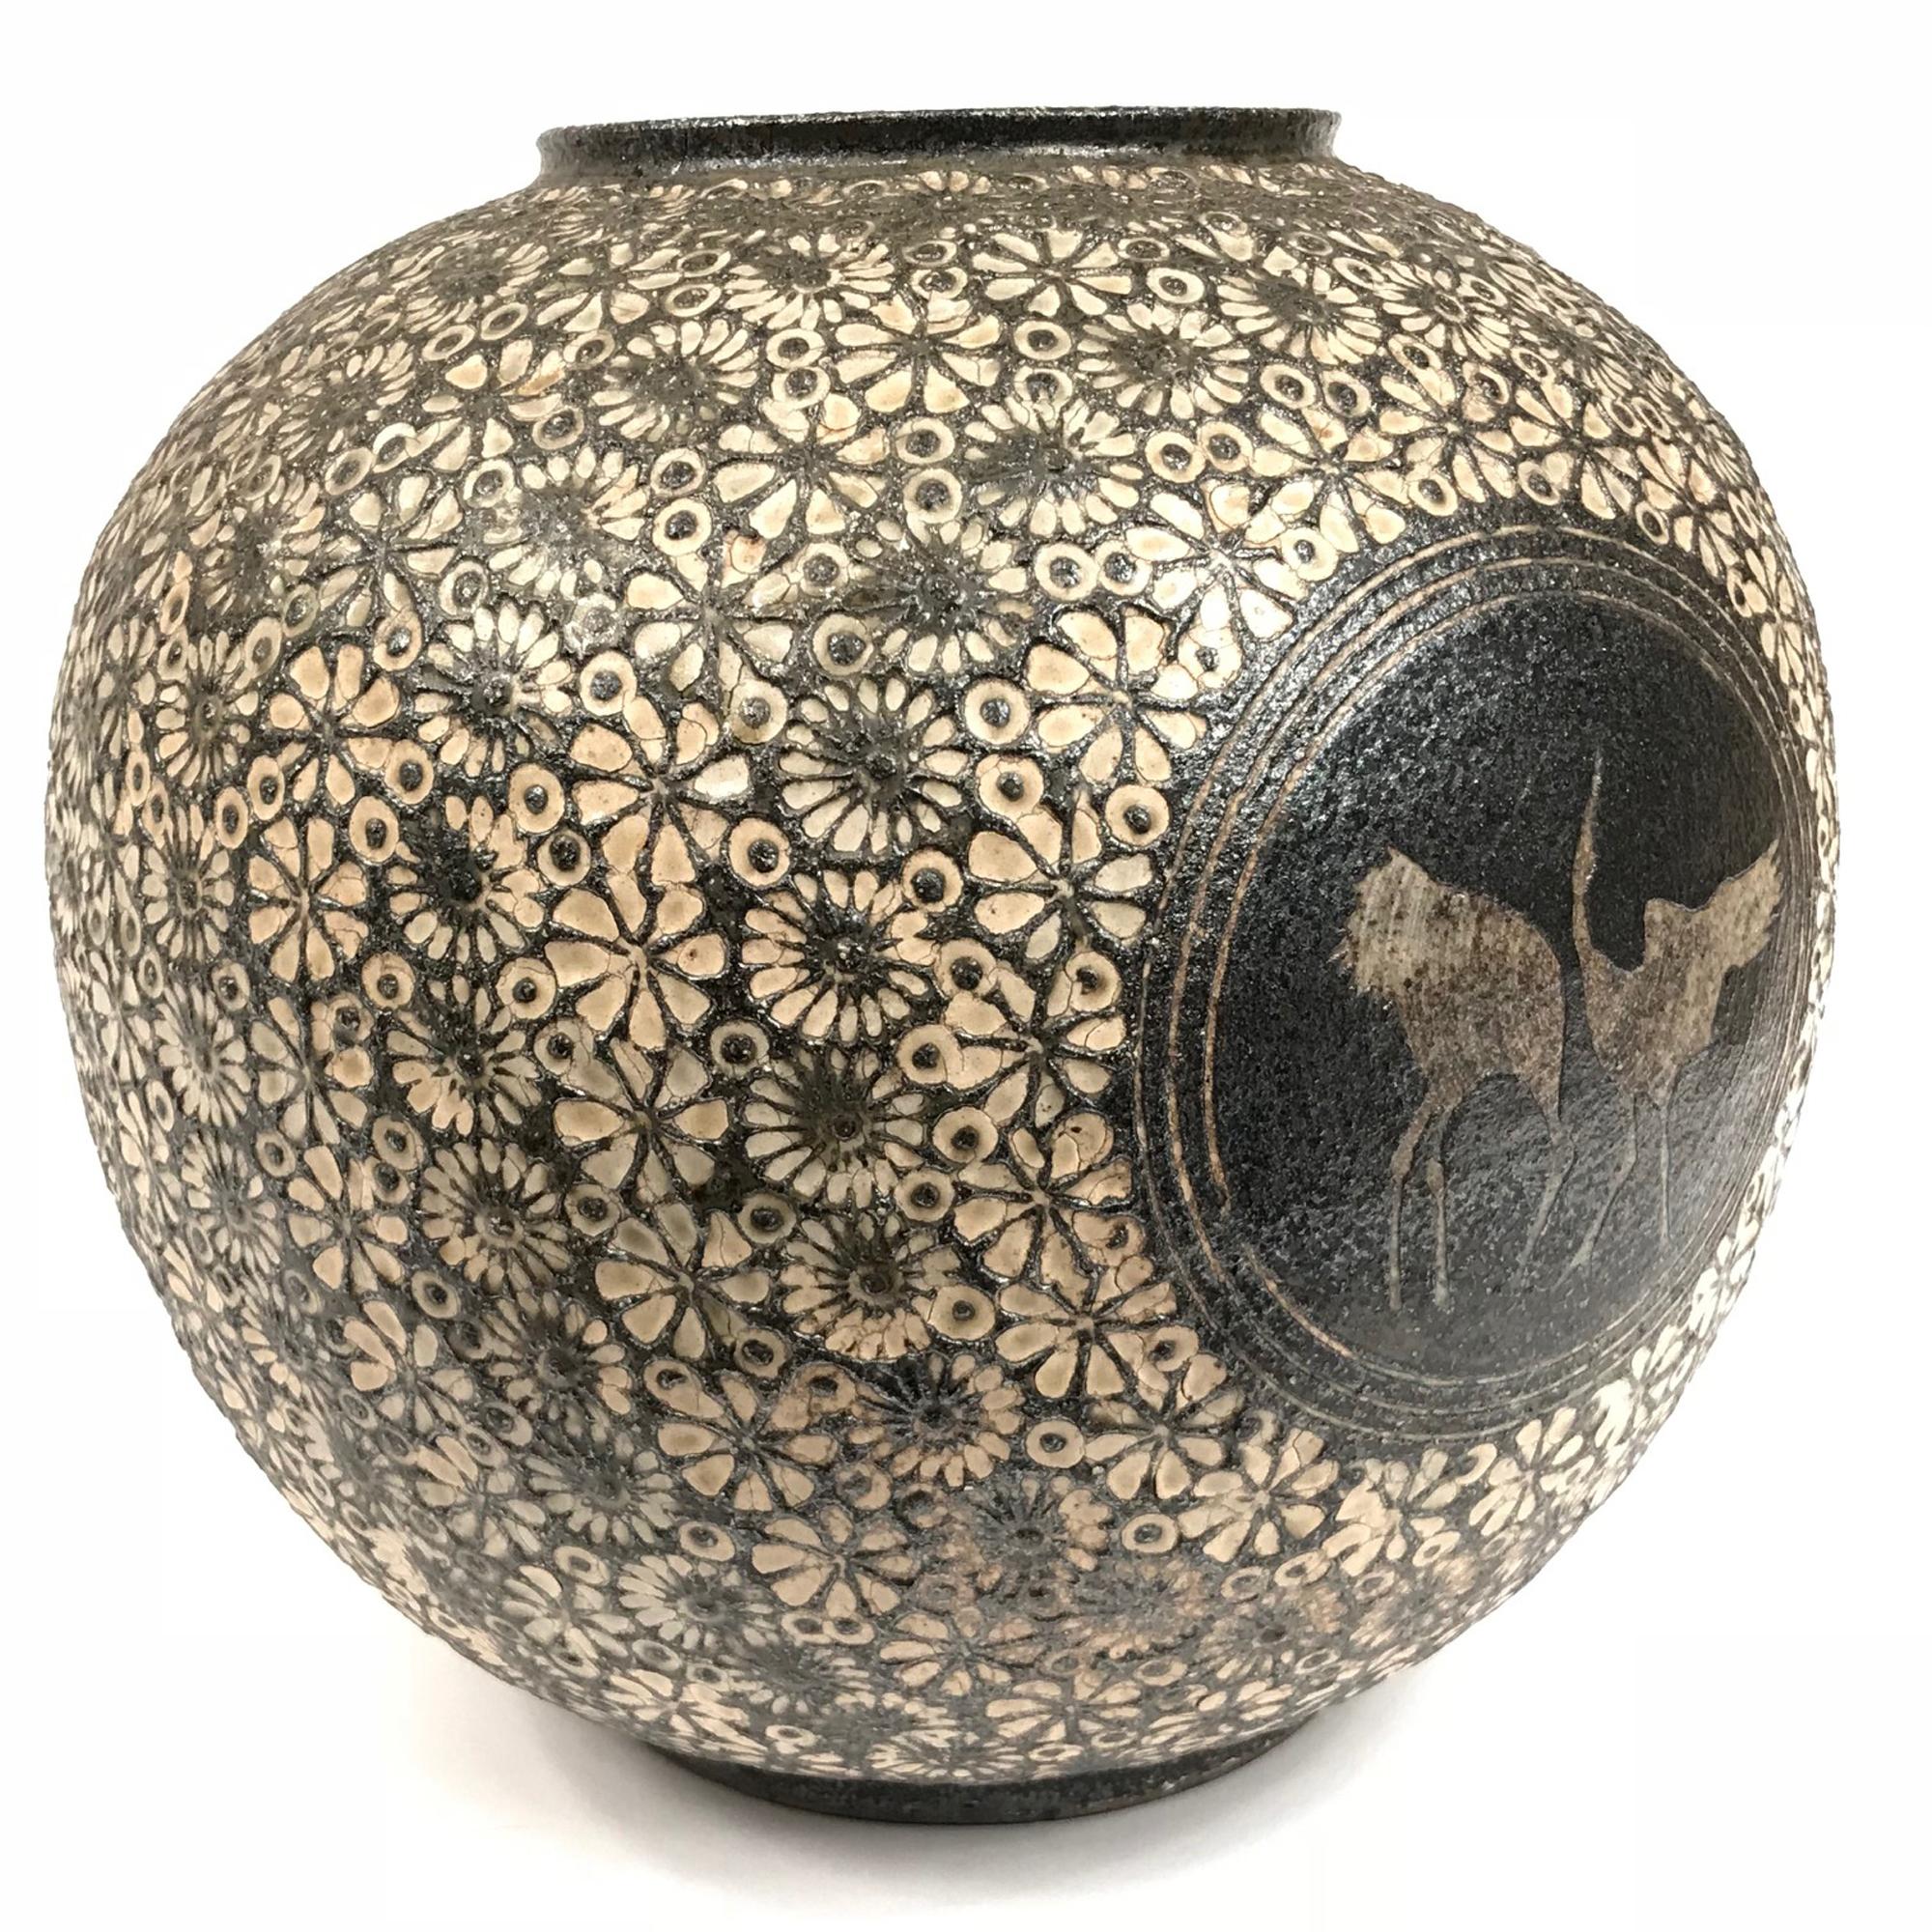 Vendu/ Sold Japon, vase en céramique vers 1970, signé.